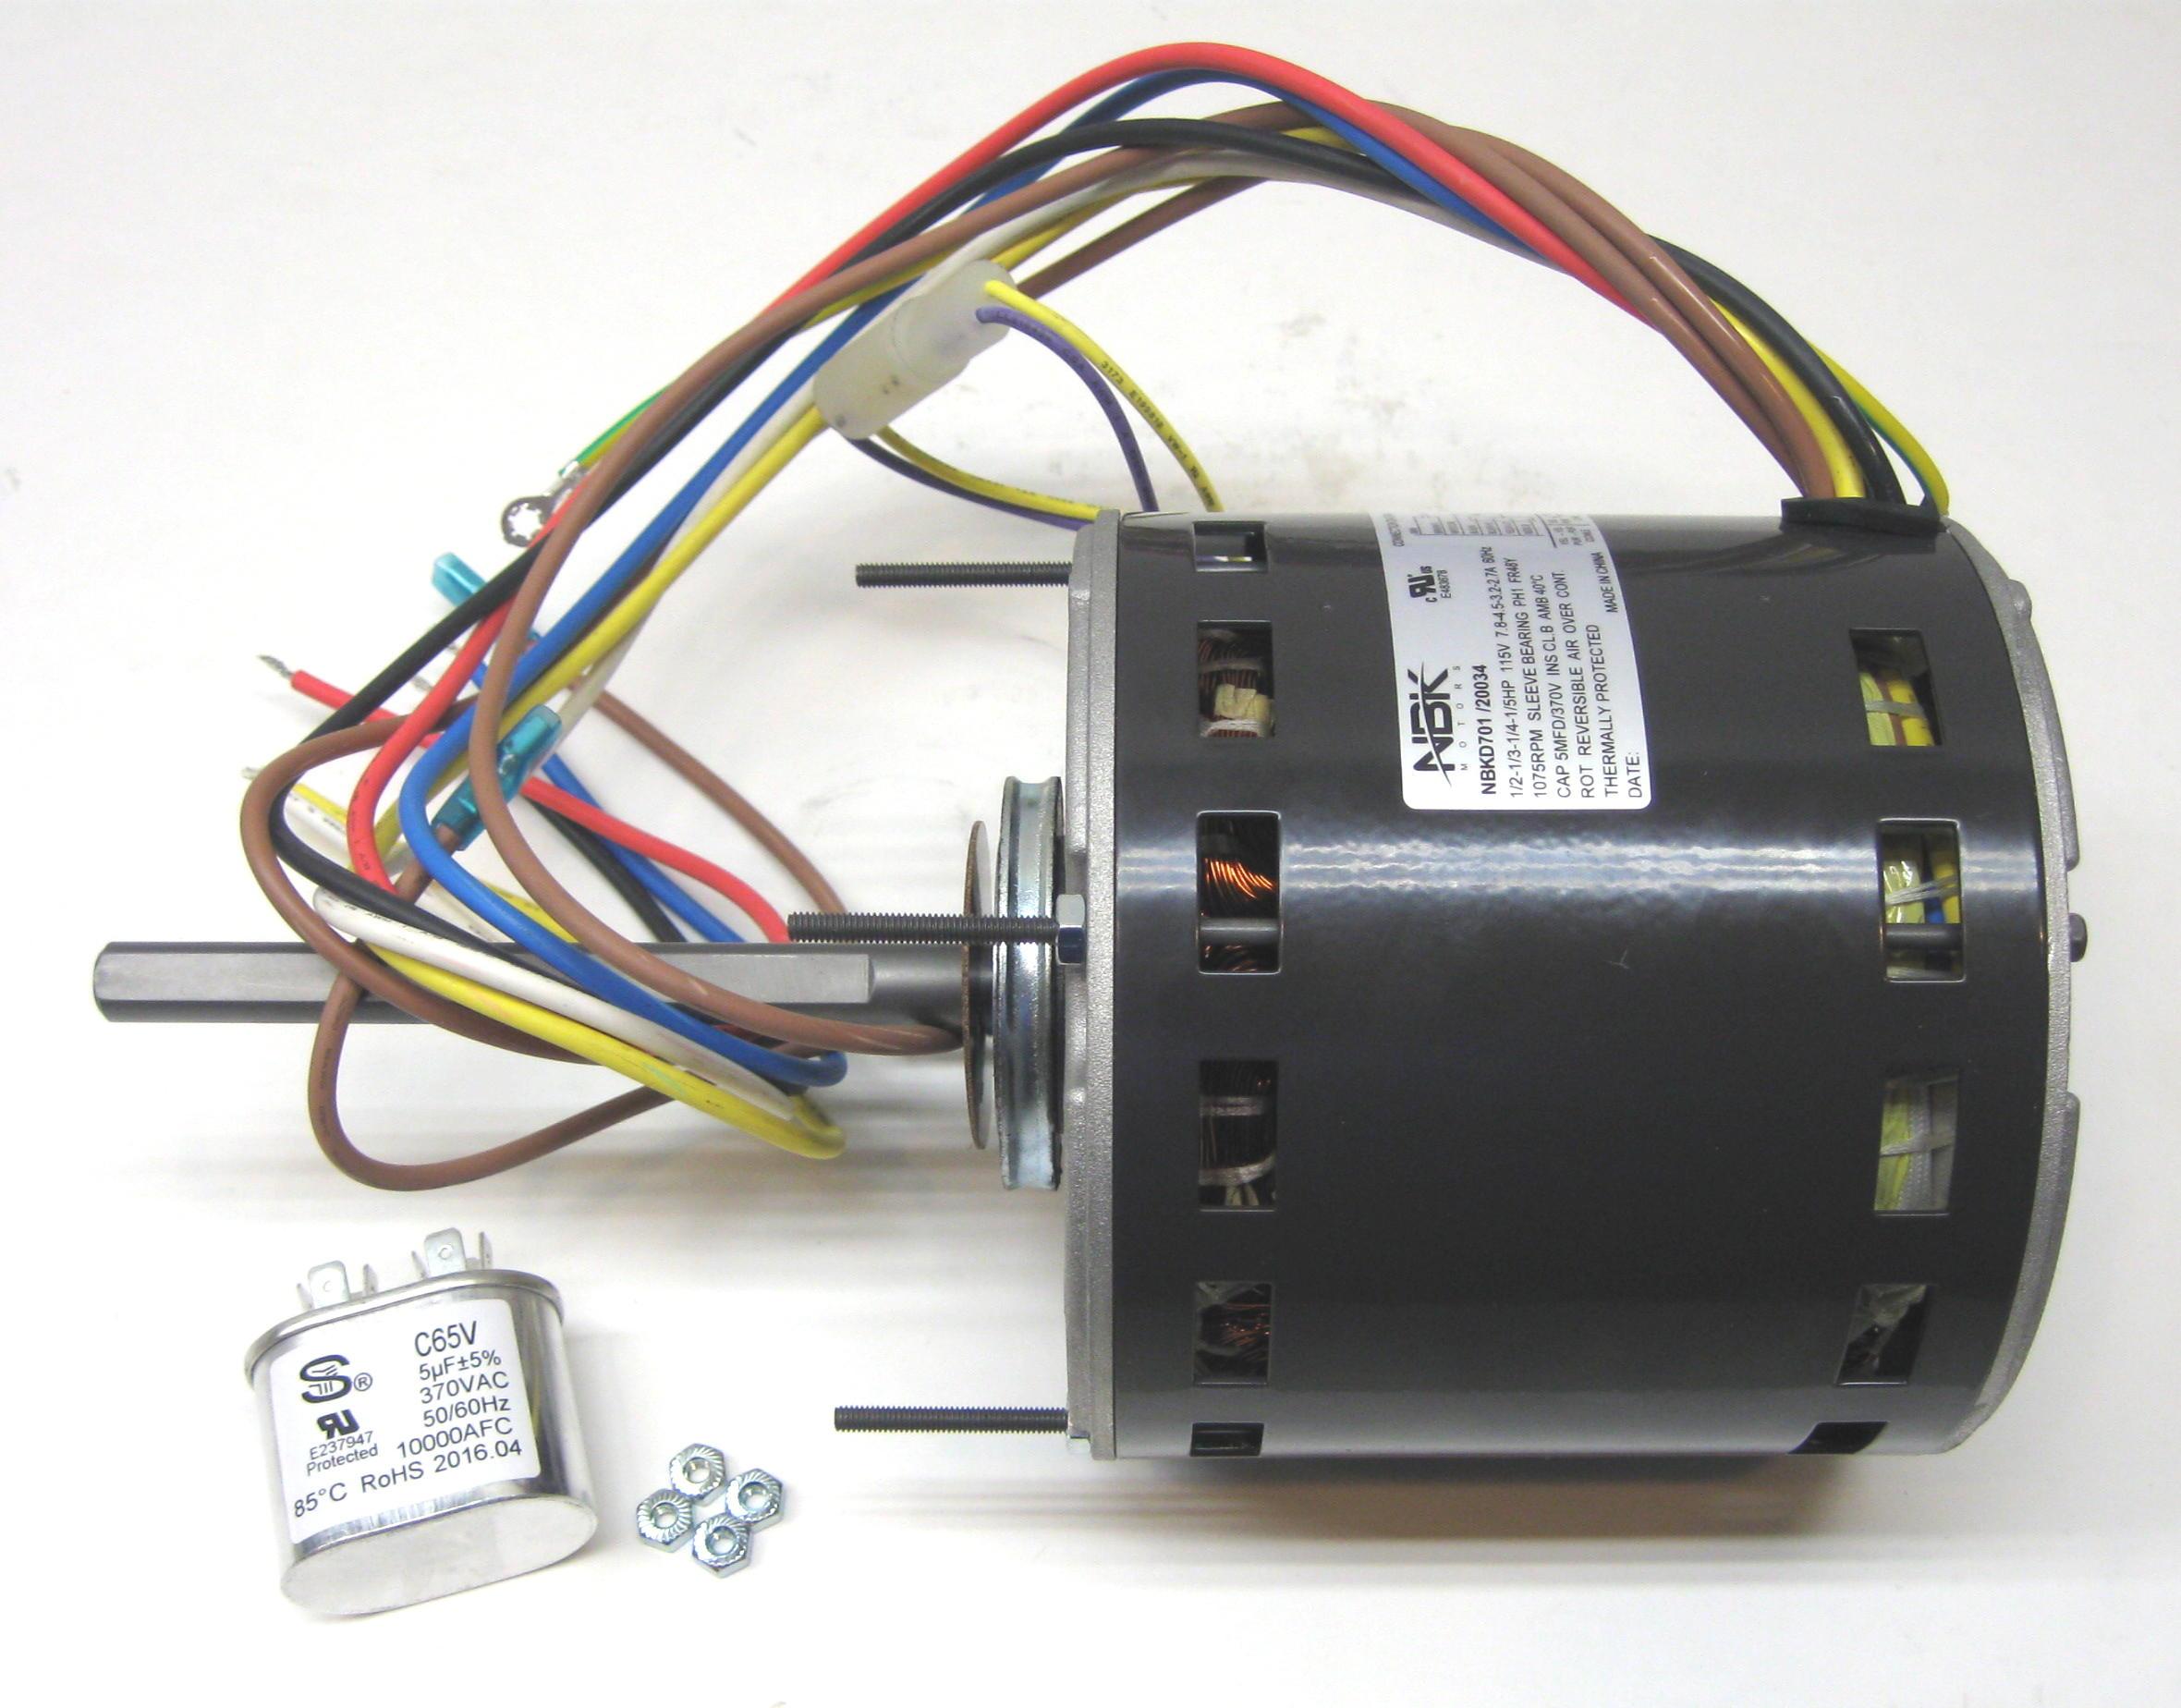 Furnace Air Handler Blower Motor  U00bd Hp 1075 Rpm 115 Volts 4